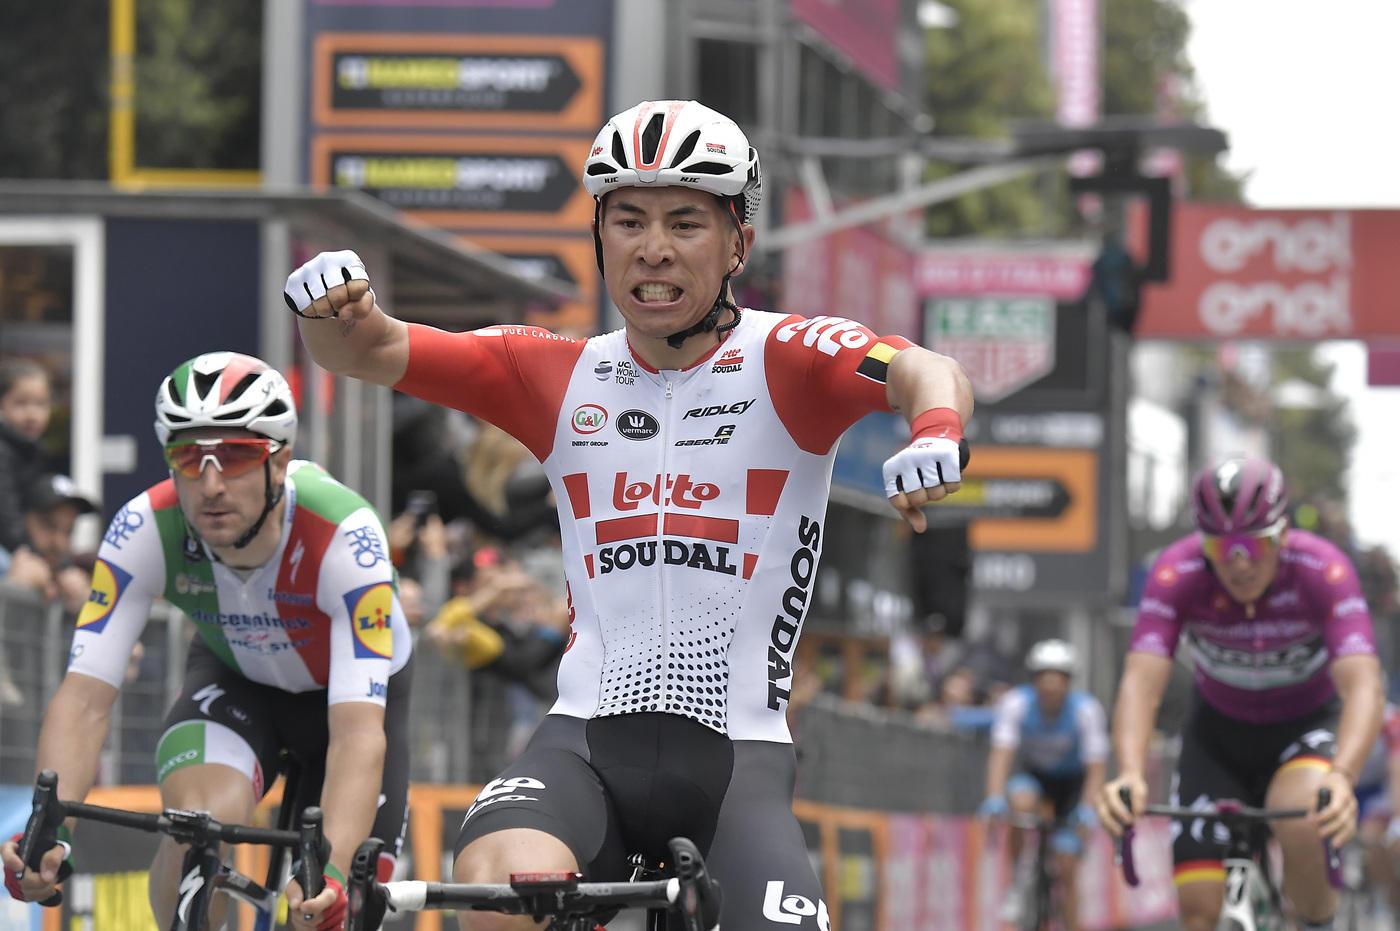 Caleb Ewan vince l'ottava tappa del Giro d'Italia 2019, la più lunga di questa 102esima edizione (239 km). L'australiano della Lotto Saudal taglia per...